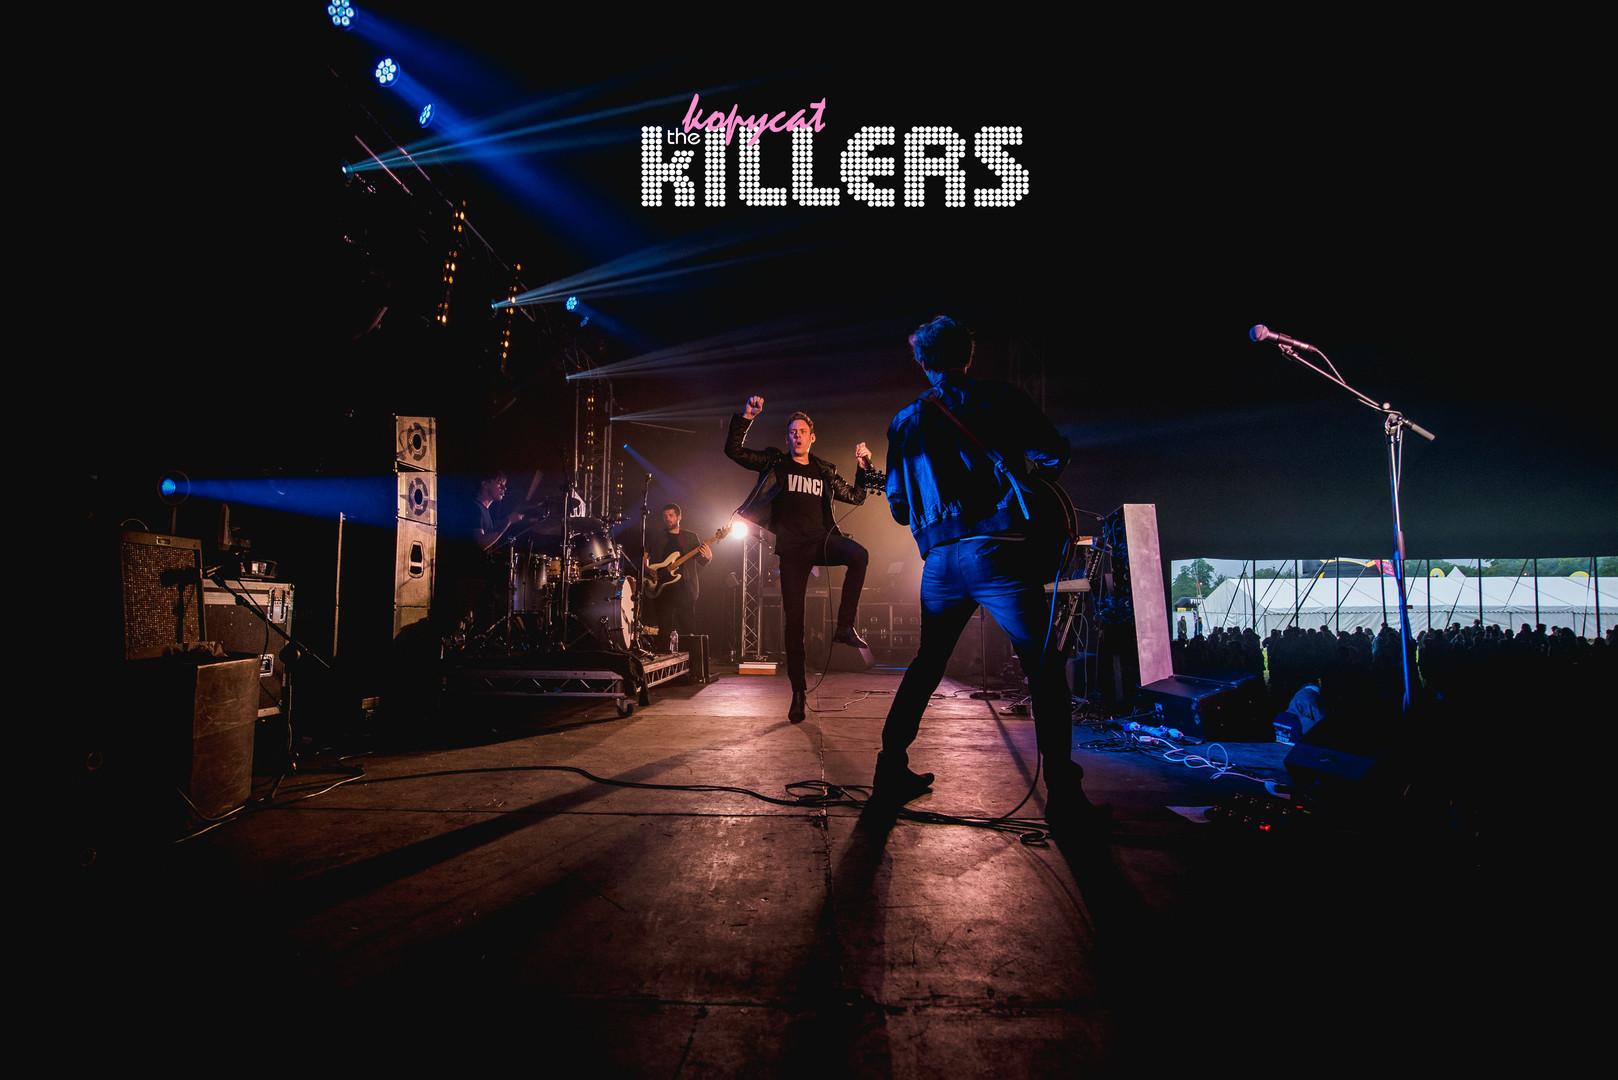 Kopycat Killers Website Photo 4.jpg